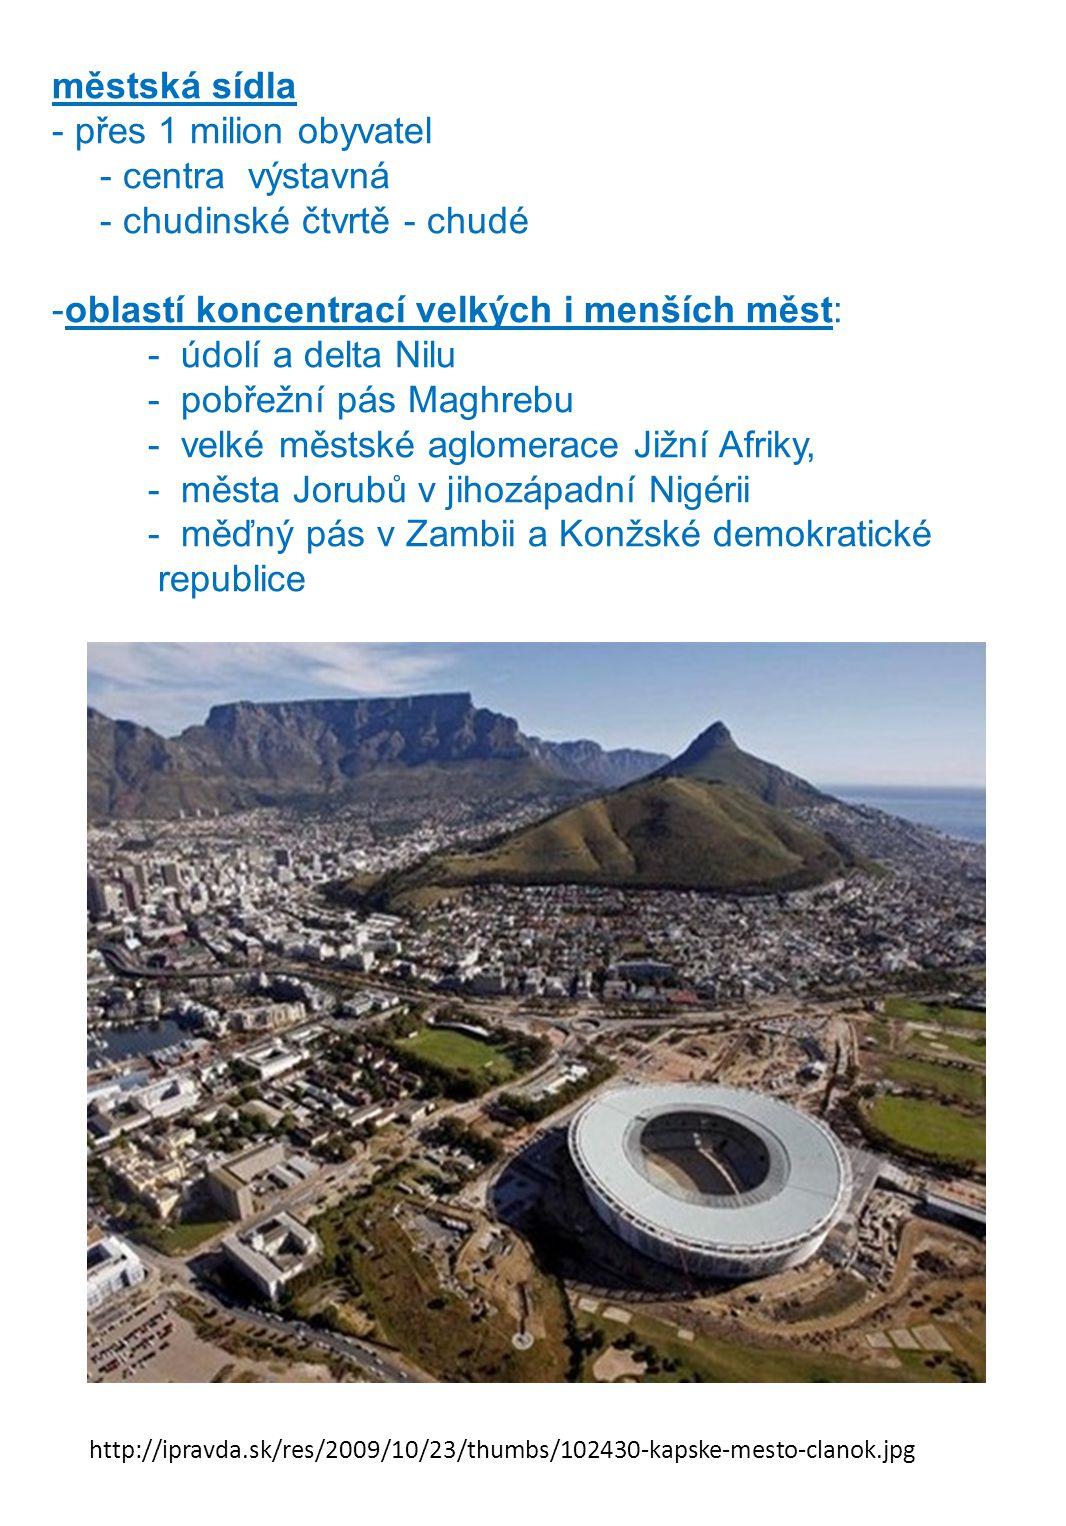 chudinské čtvrtě - chudé oblastí koncentrací velkých i menších měst: